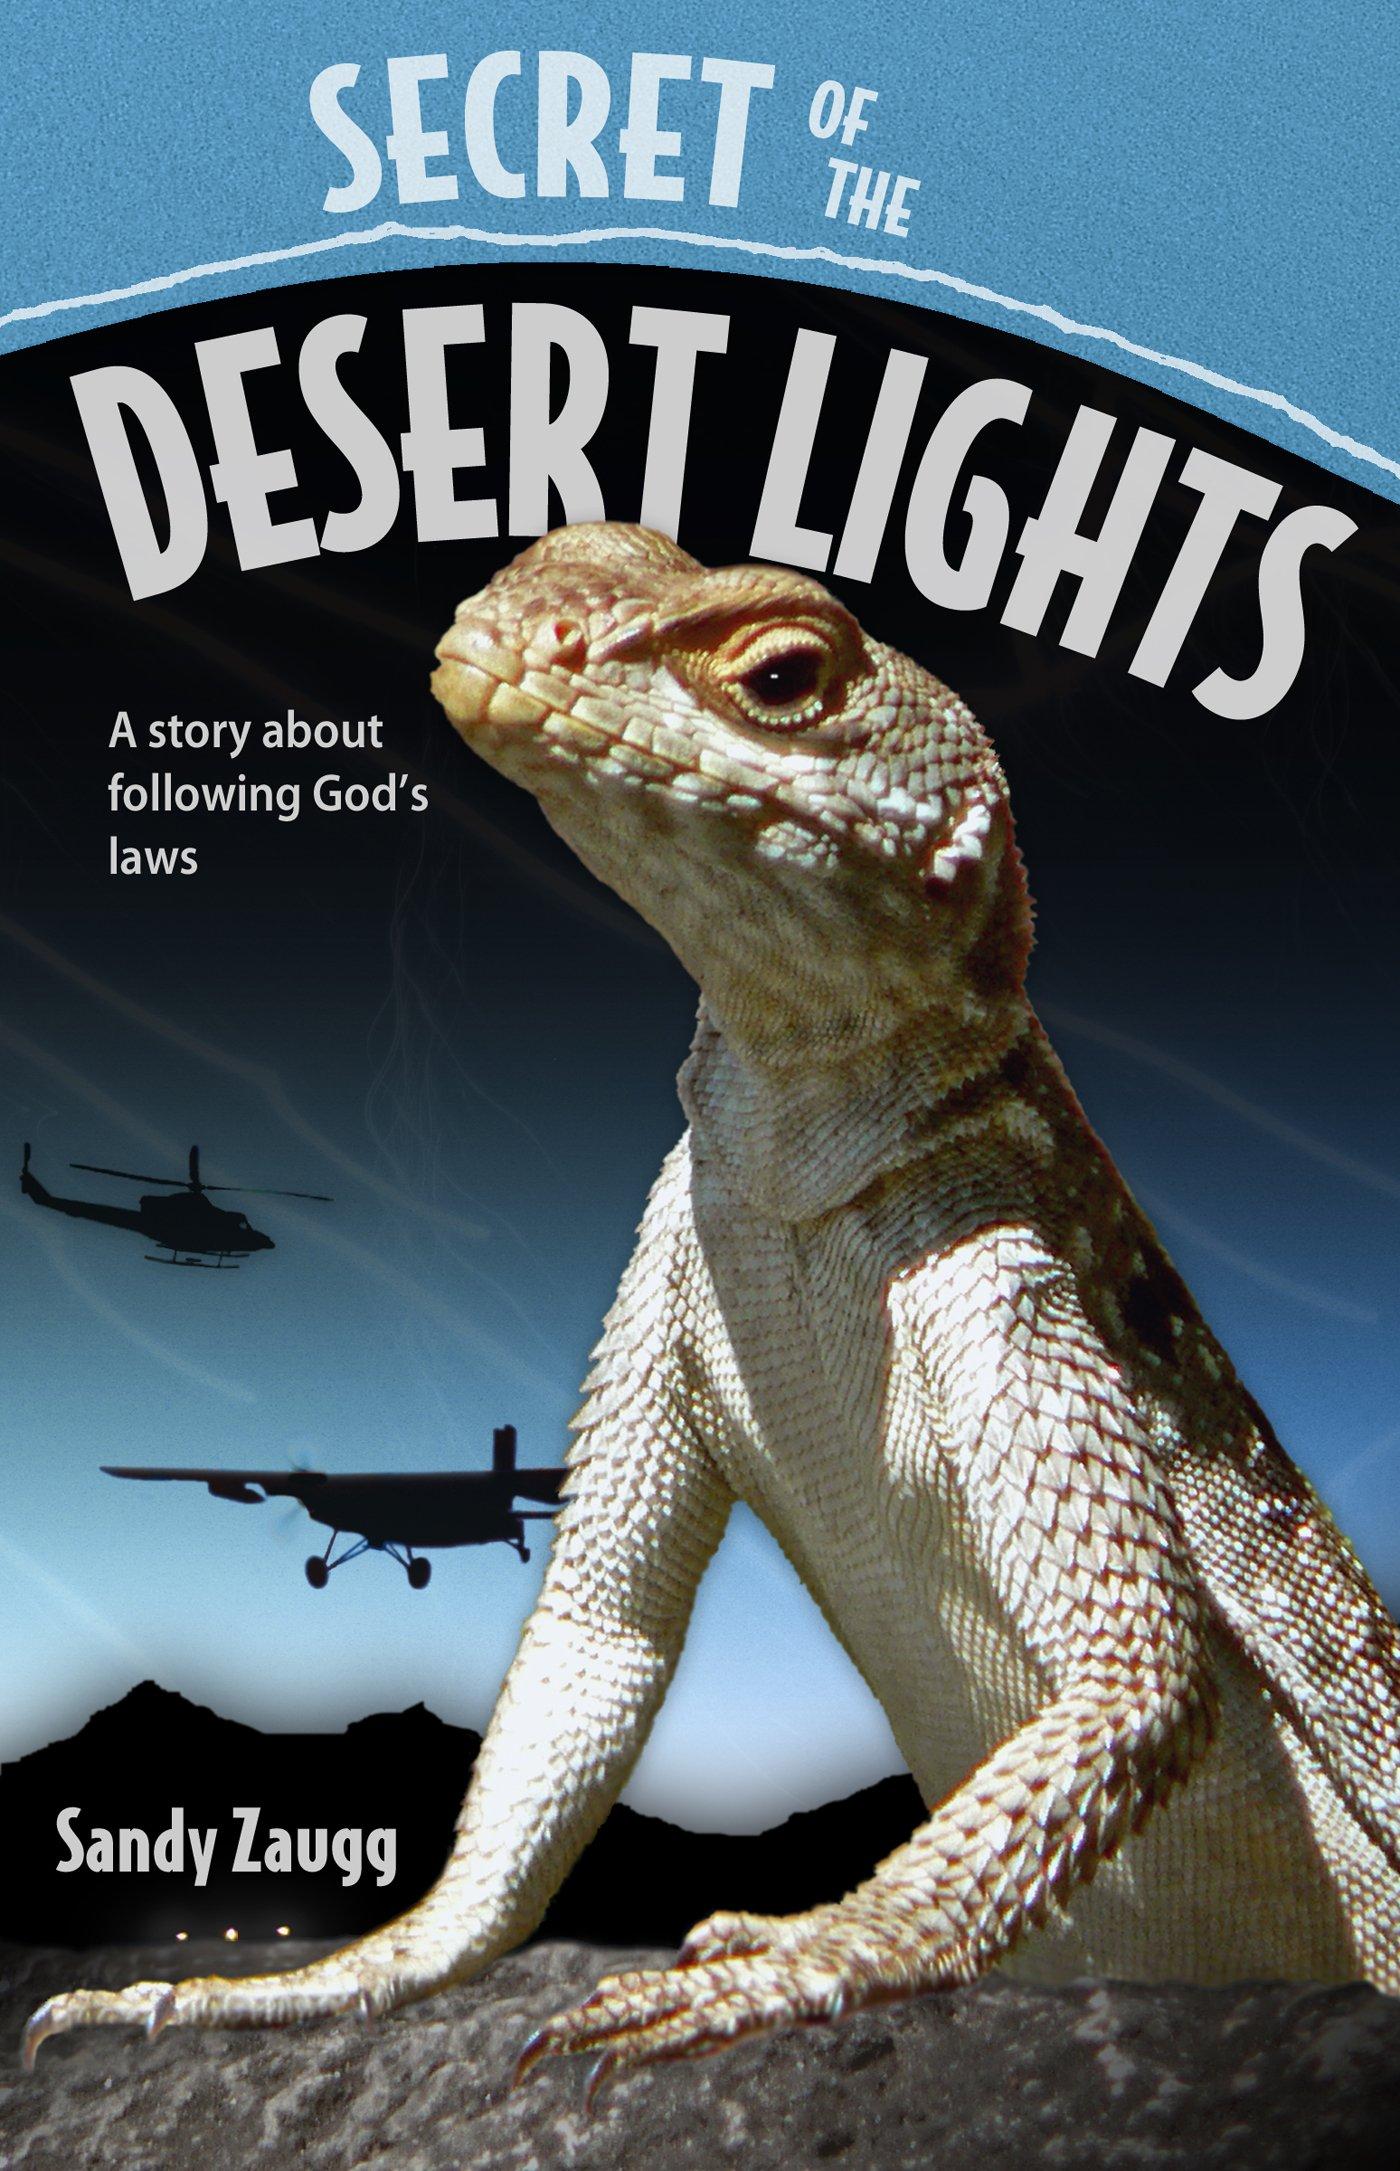 Secrets of the Desert Lights